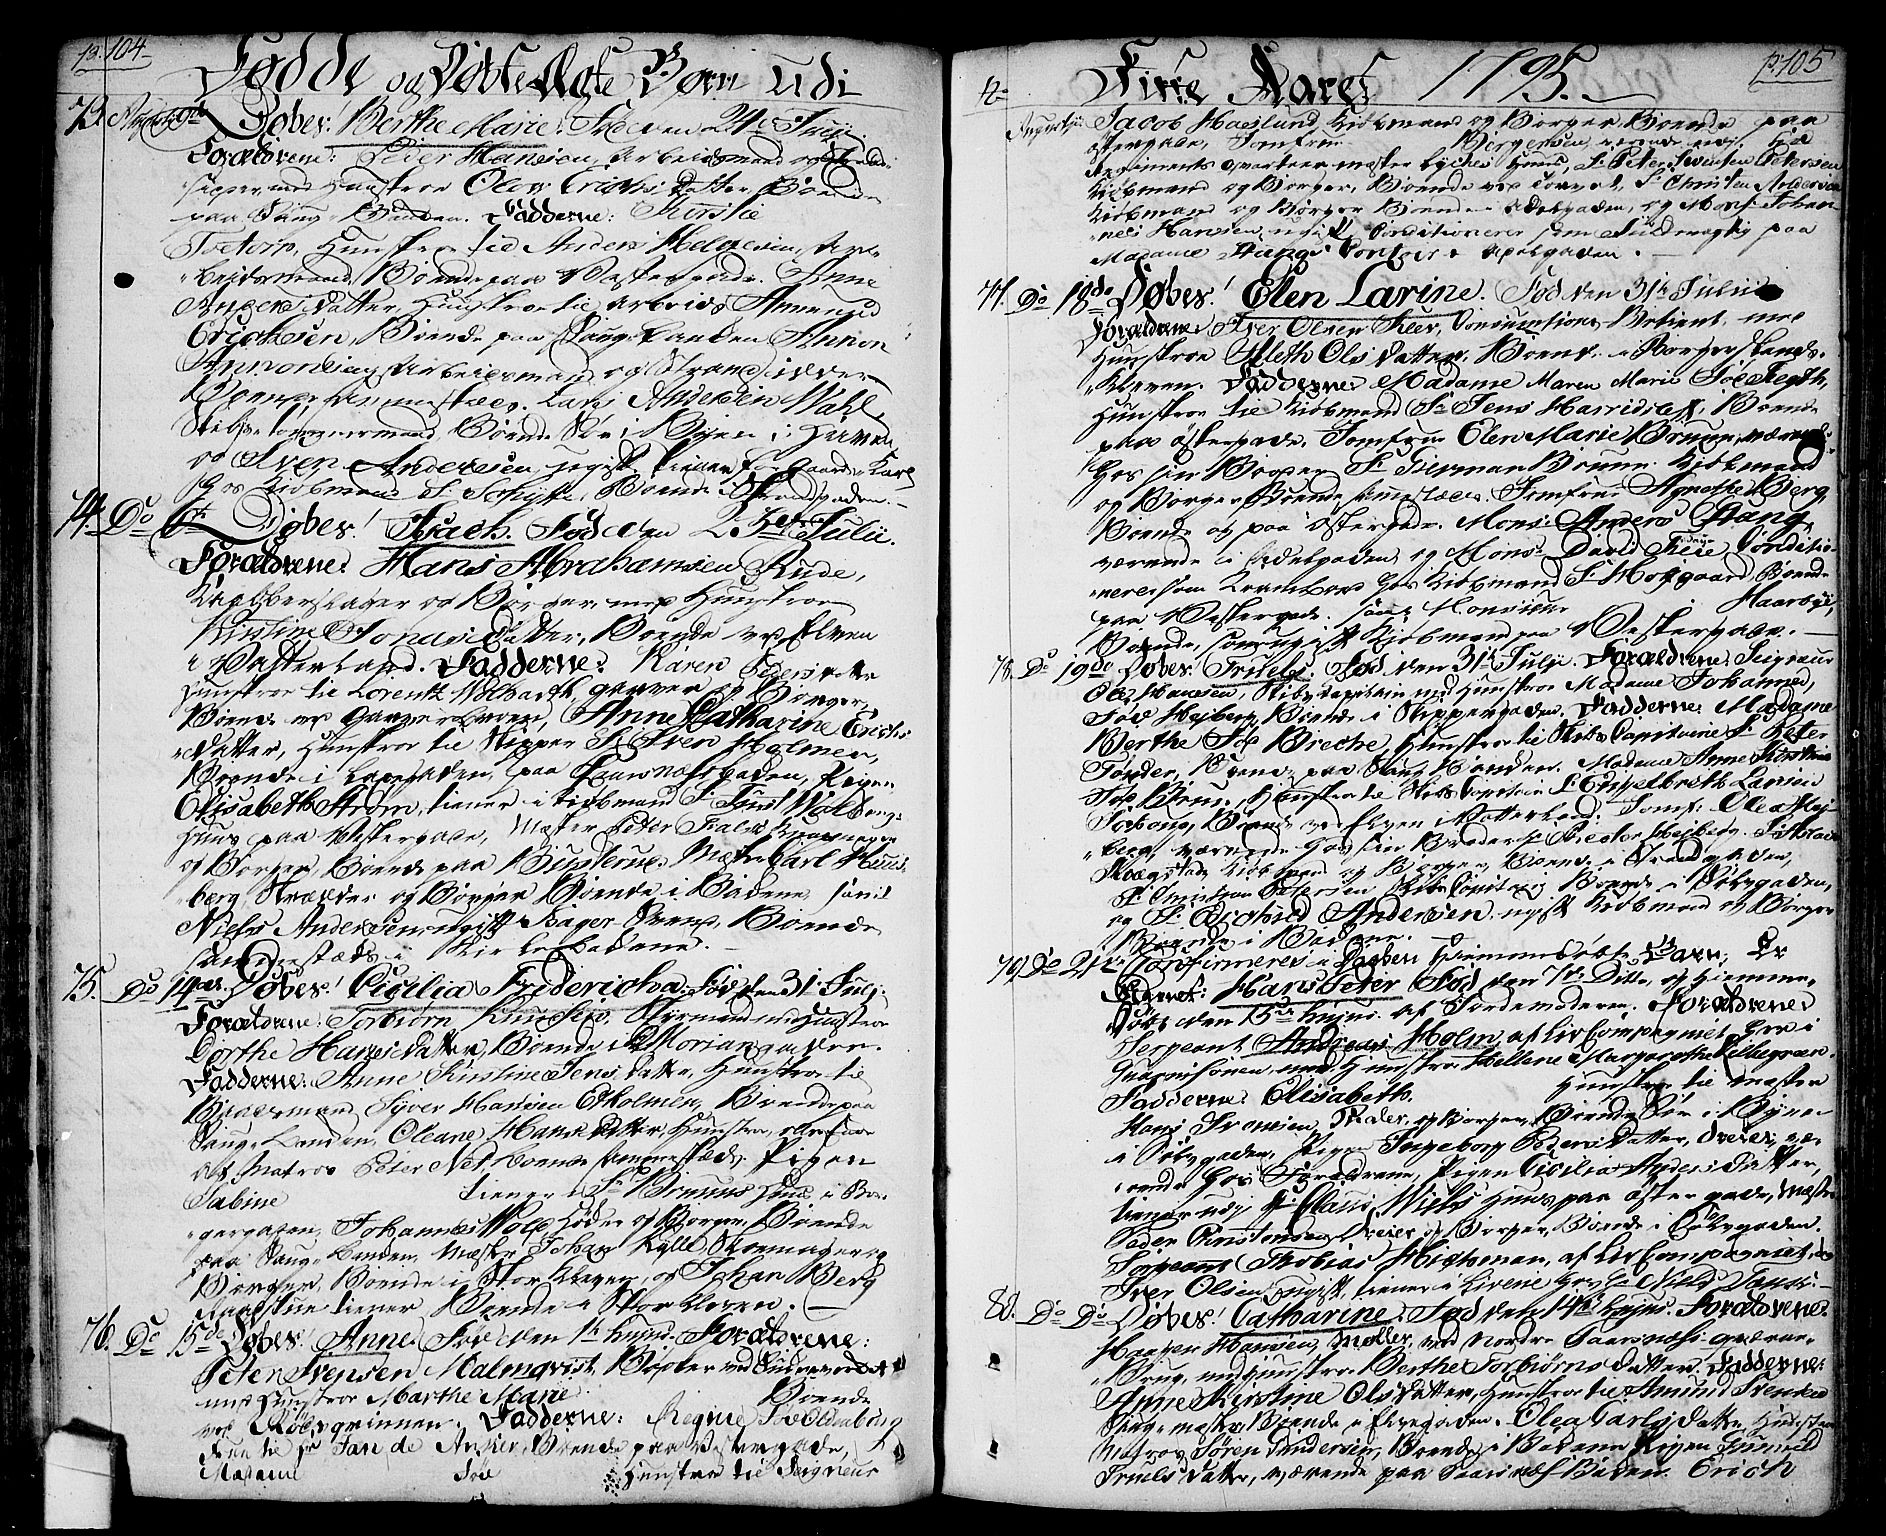 SAO, Halden prestekontor Kirkebøker, F/Fa/L0002: Ministerialbok nr. I 2, 1792-1812, s. 104-105